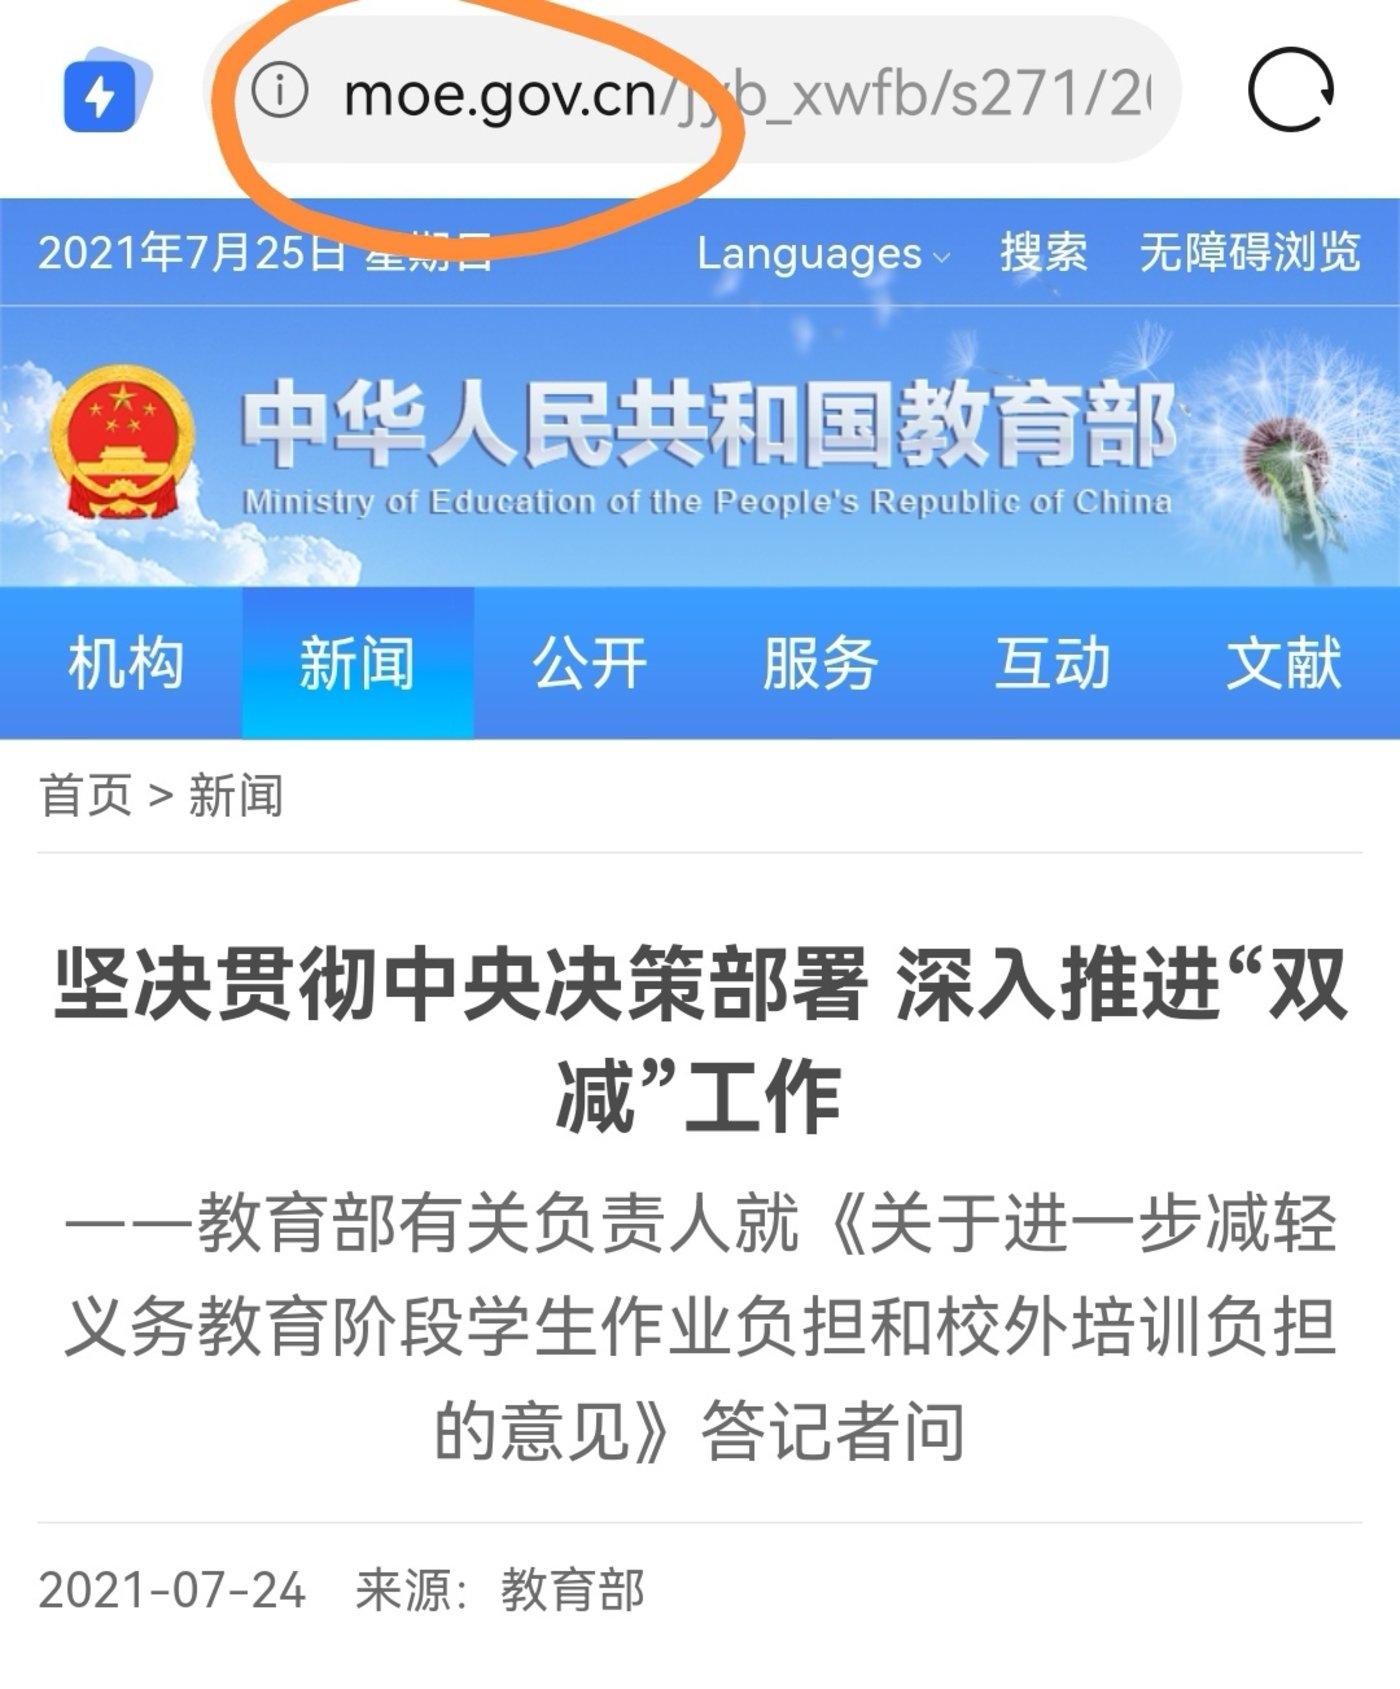 (上图:教育部官网)